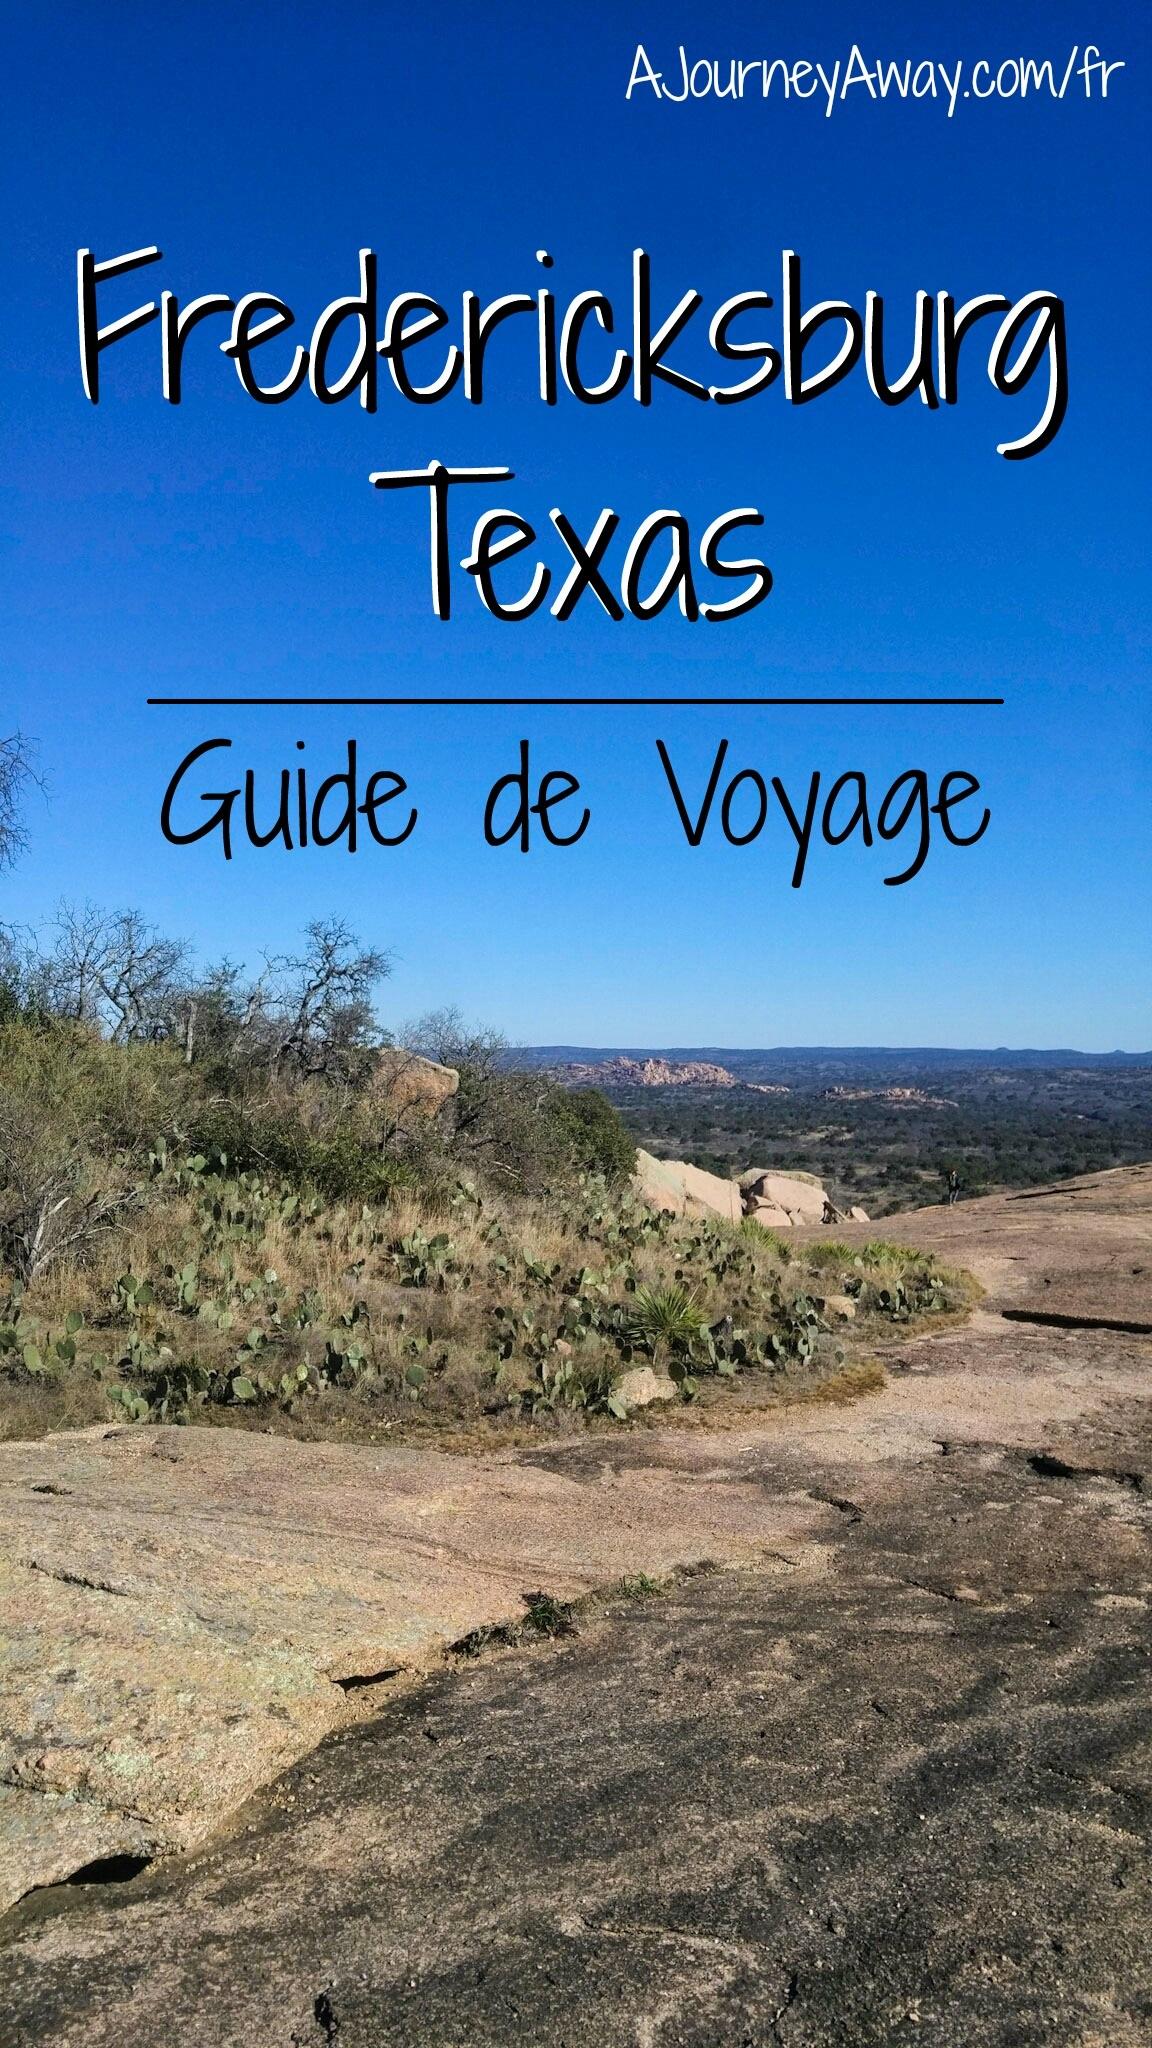 Escapade à Fredericksburg, Texas - Guide de voyage